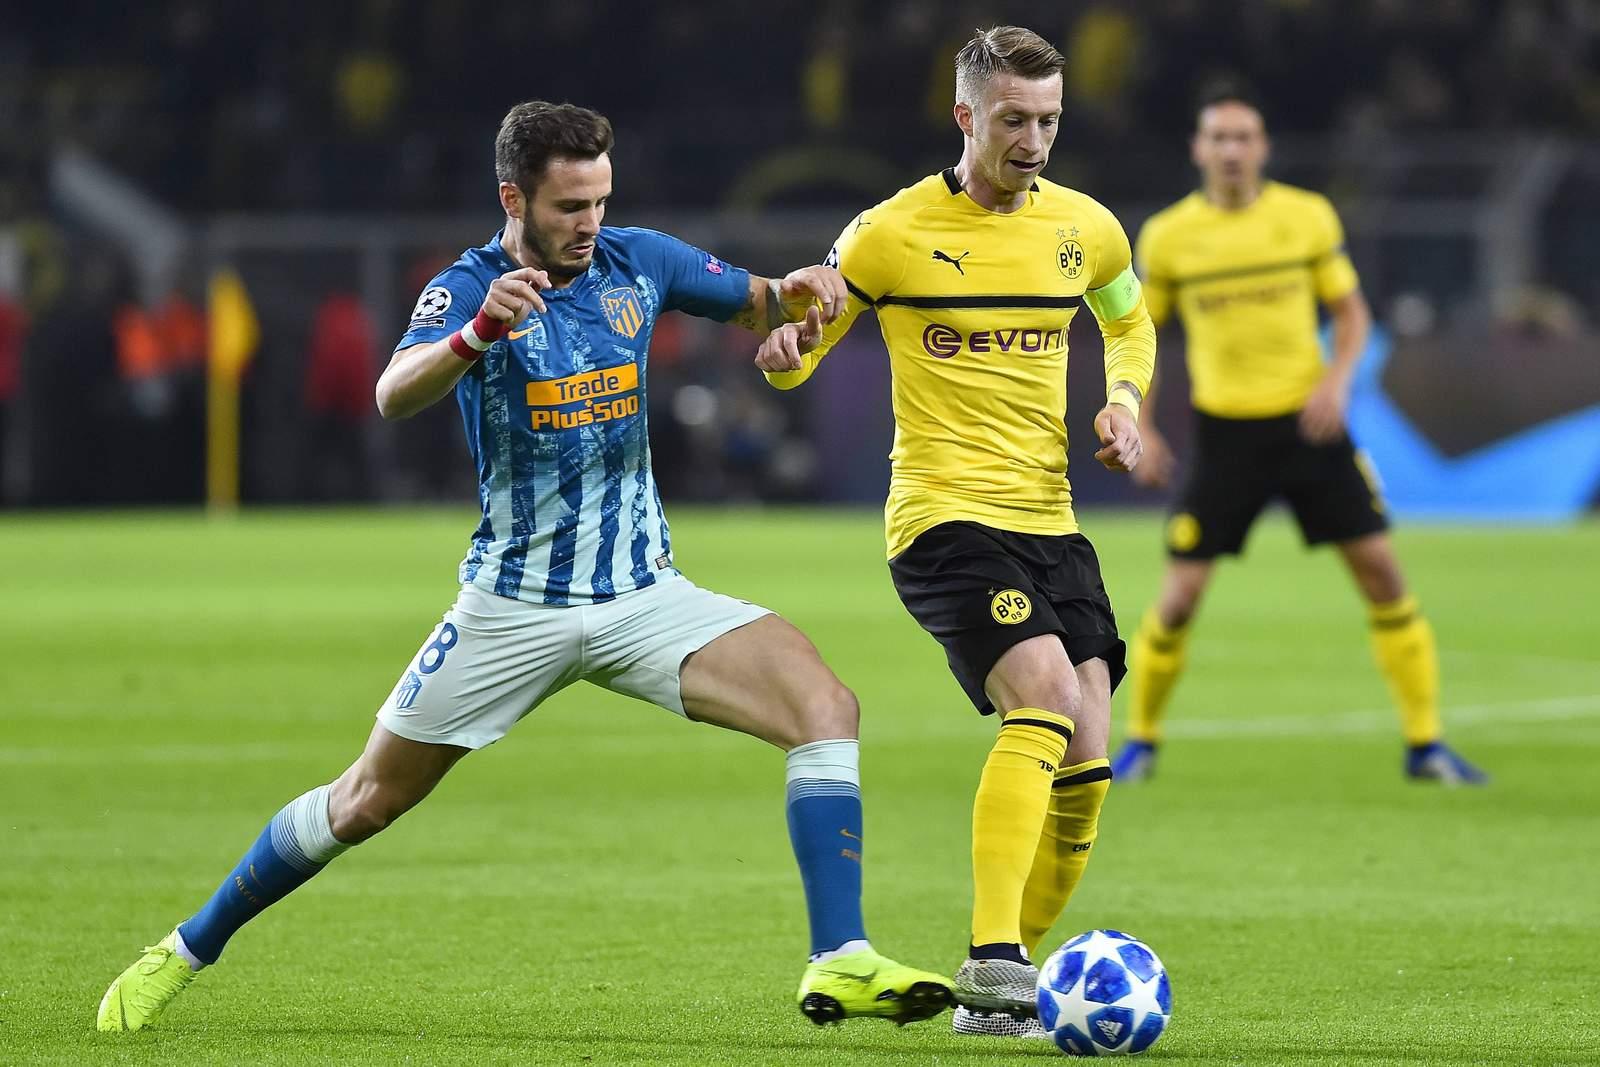 Setzt sich Reus wieder gegen Niguez durch? Jetzt auf Atletico gegen BVB wetten